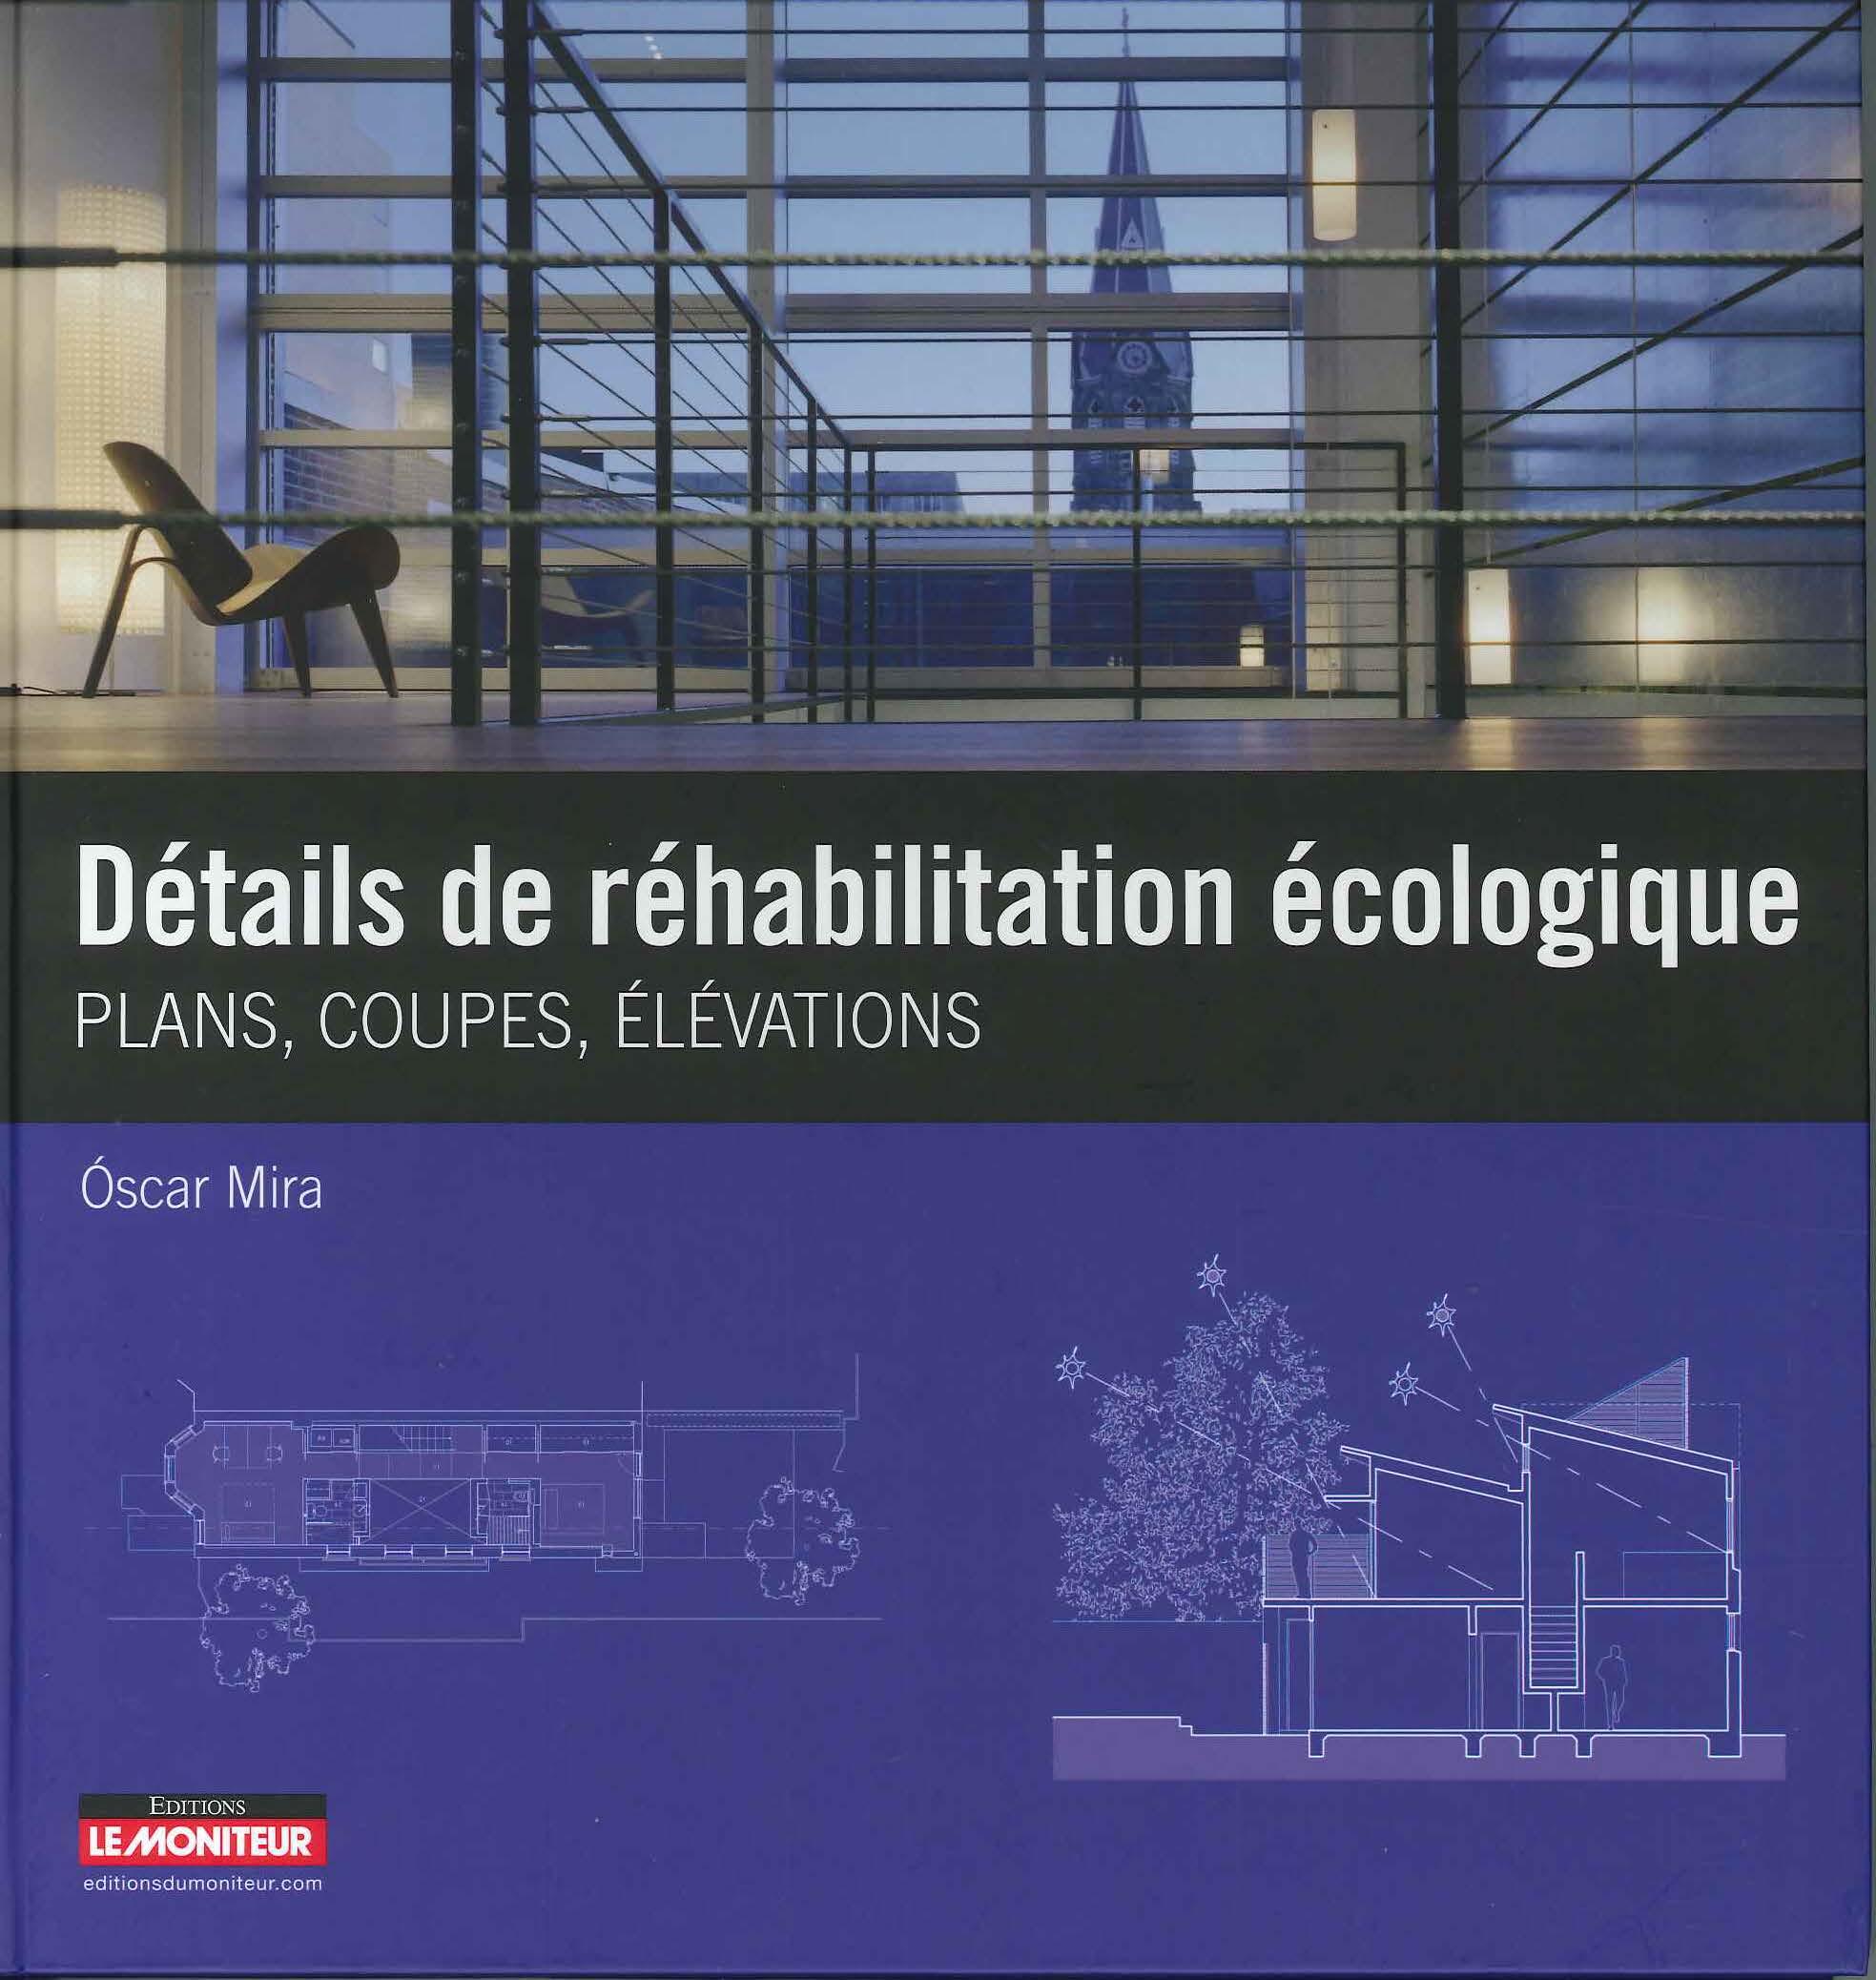 Détails de réhabilitation écologique